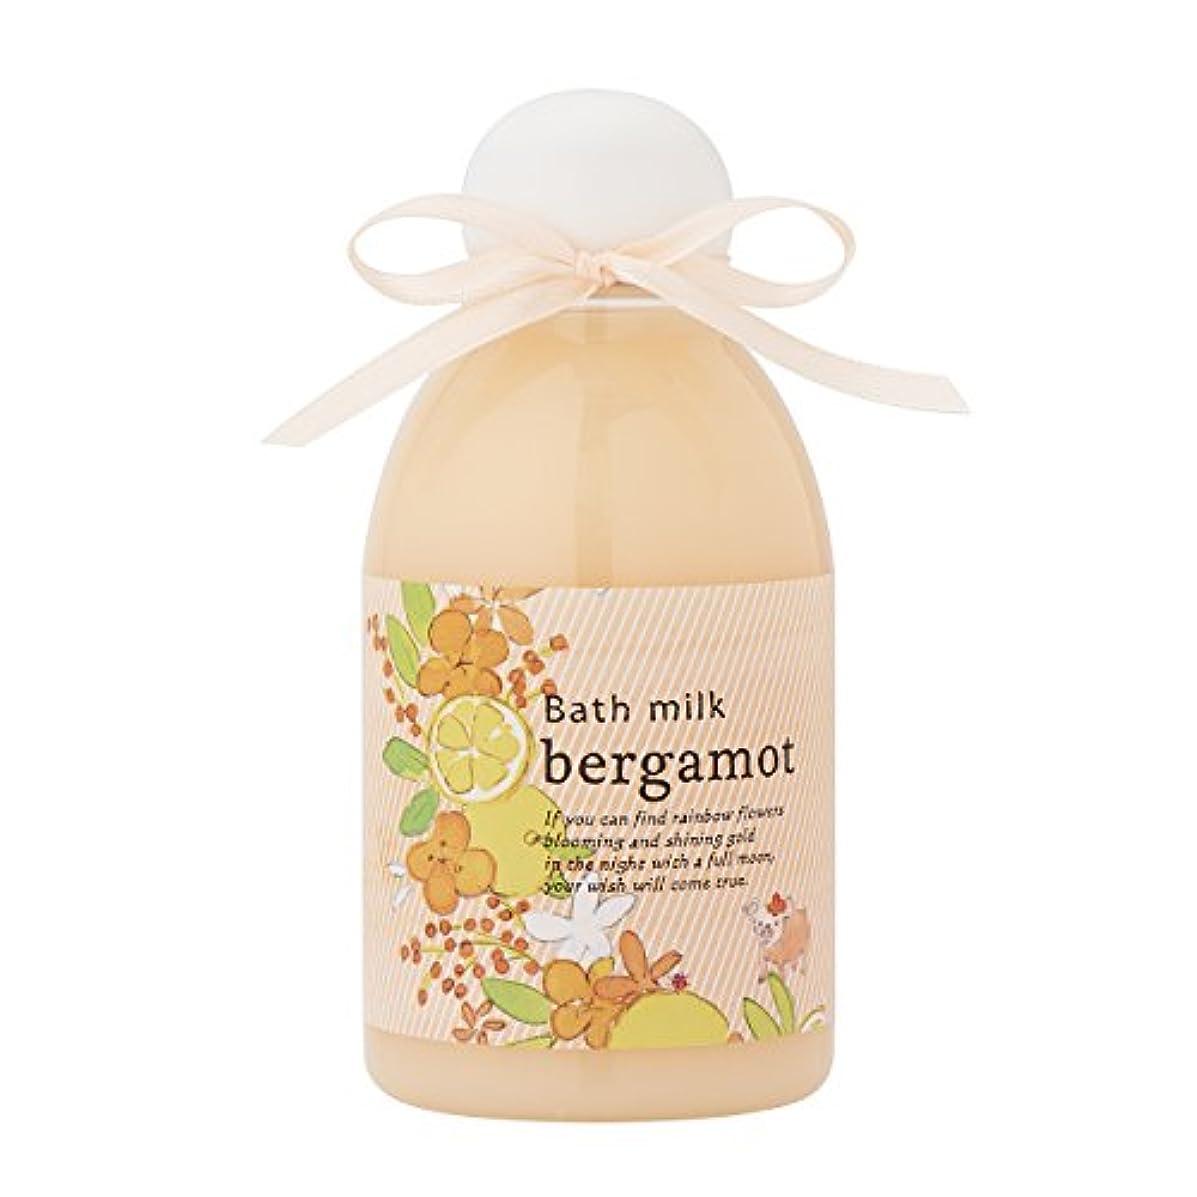 エンジニアリング一般的なレイプサンハーブ バスミルク ベルガモット 200ml(バブルバスタイプ入浴料 泡風呂 懐かしい甘酸っぱい香り)